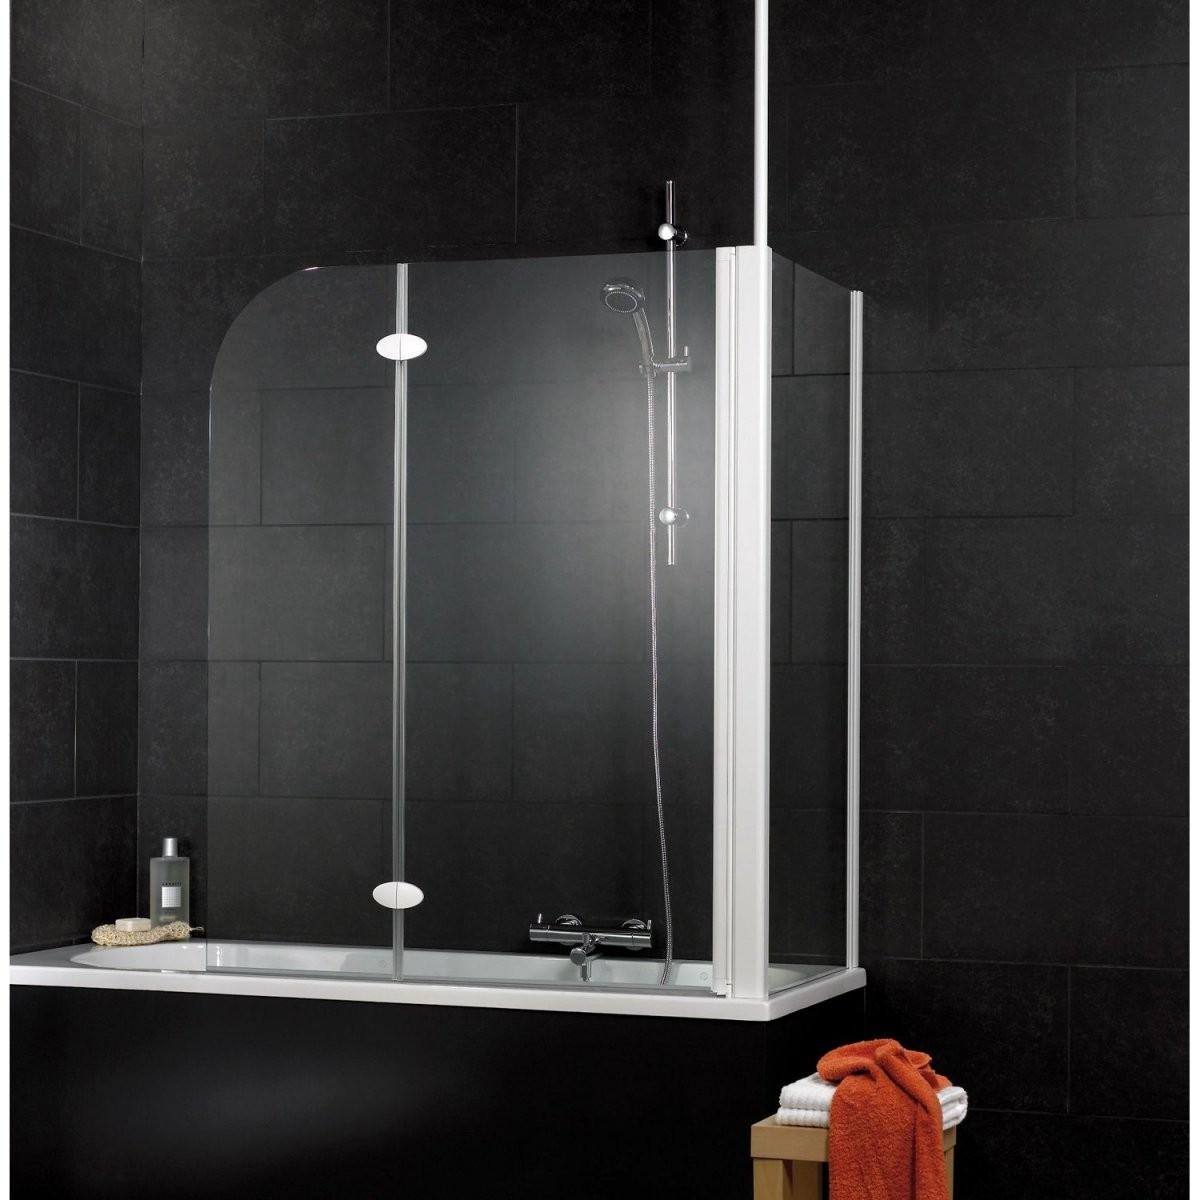 Schulte Badewannenaufsatz 2Teilig Mit Seitenwand 1145 Cm X 140 Cm von Duschwand Für Badewanne Obi Bild